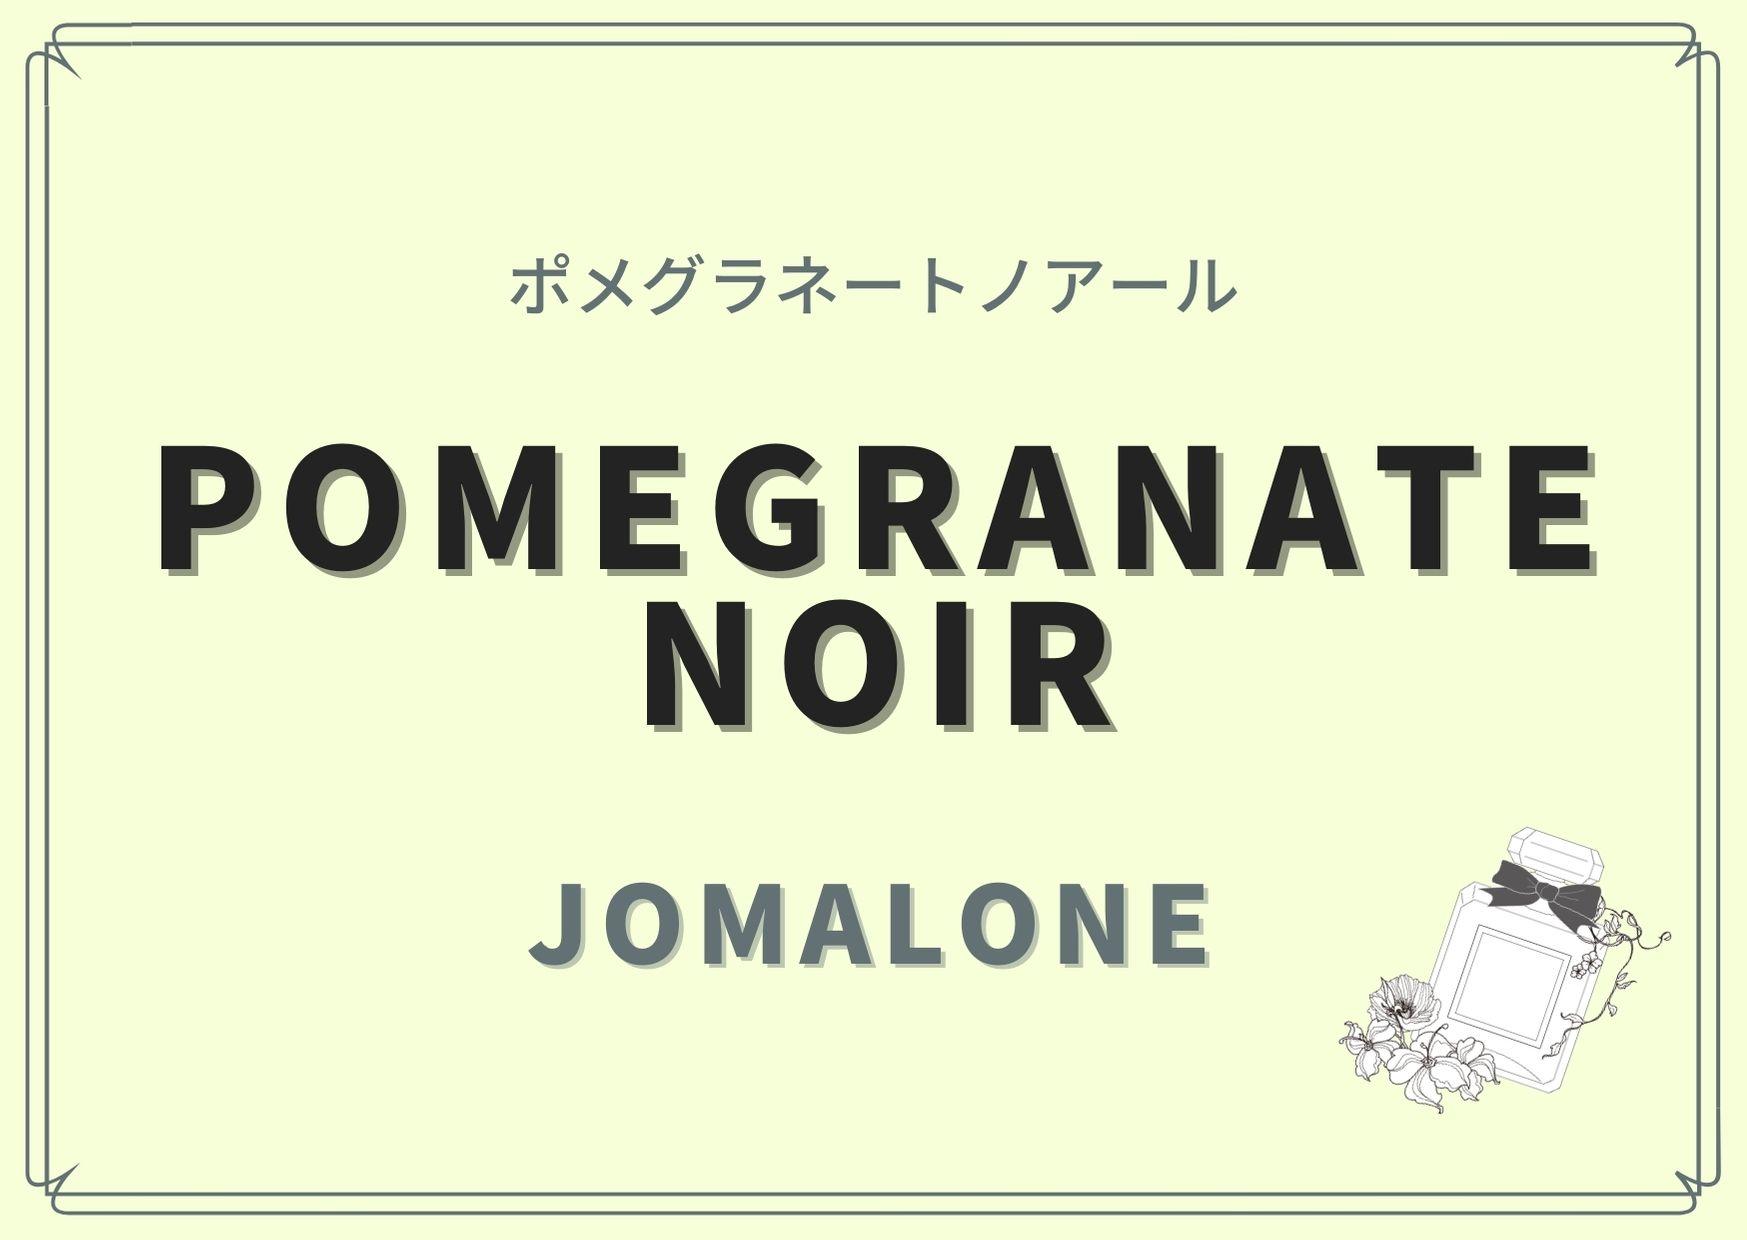 Pomegranate Noir(ポメグラネートノアール)/JoMalone(ジョーマローン)